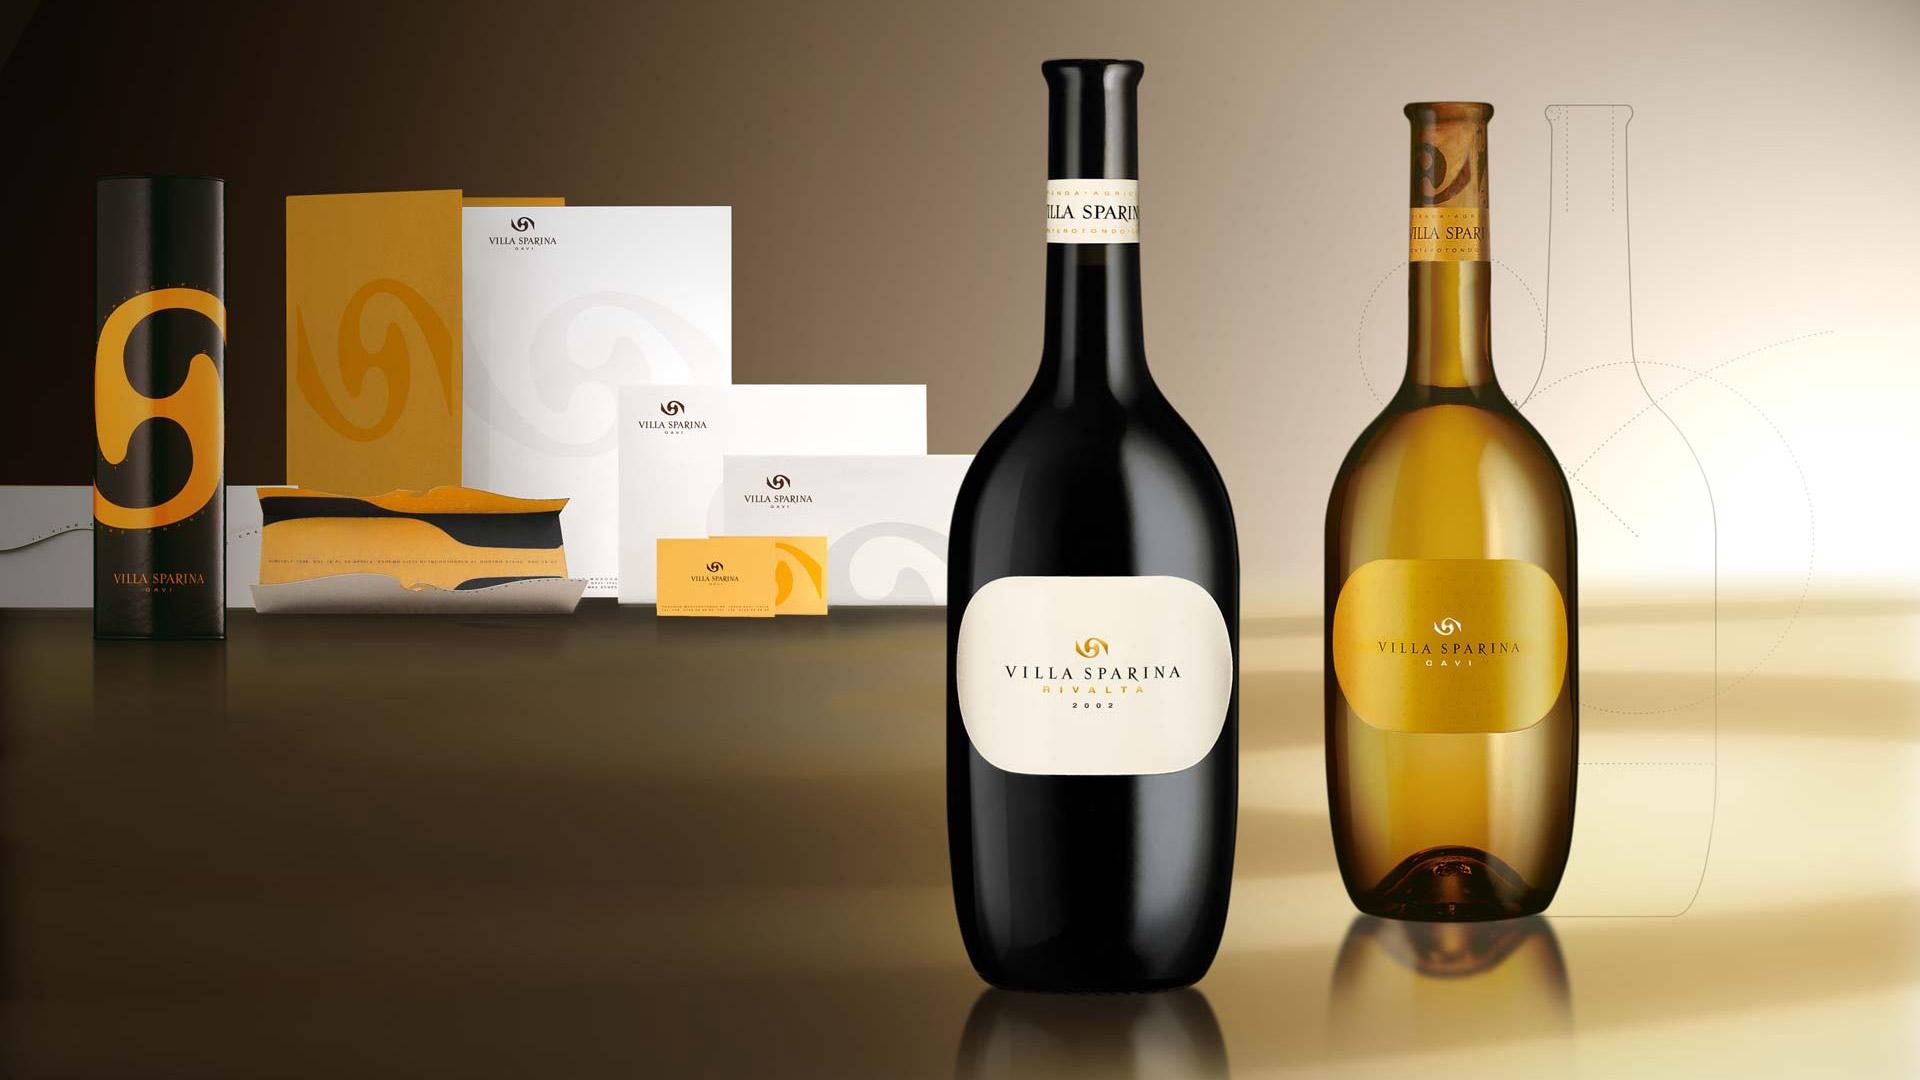 Villa Sparina coordinati e bottle design